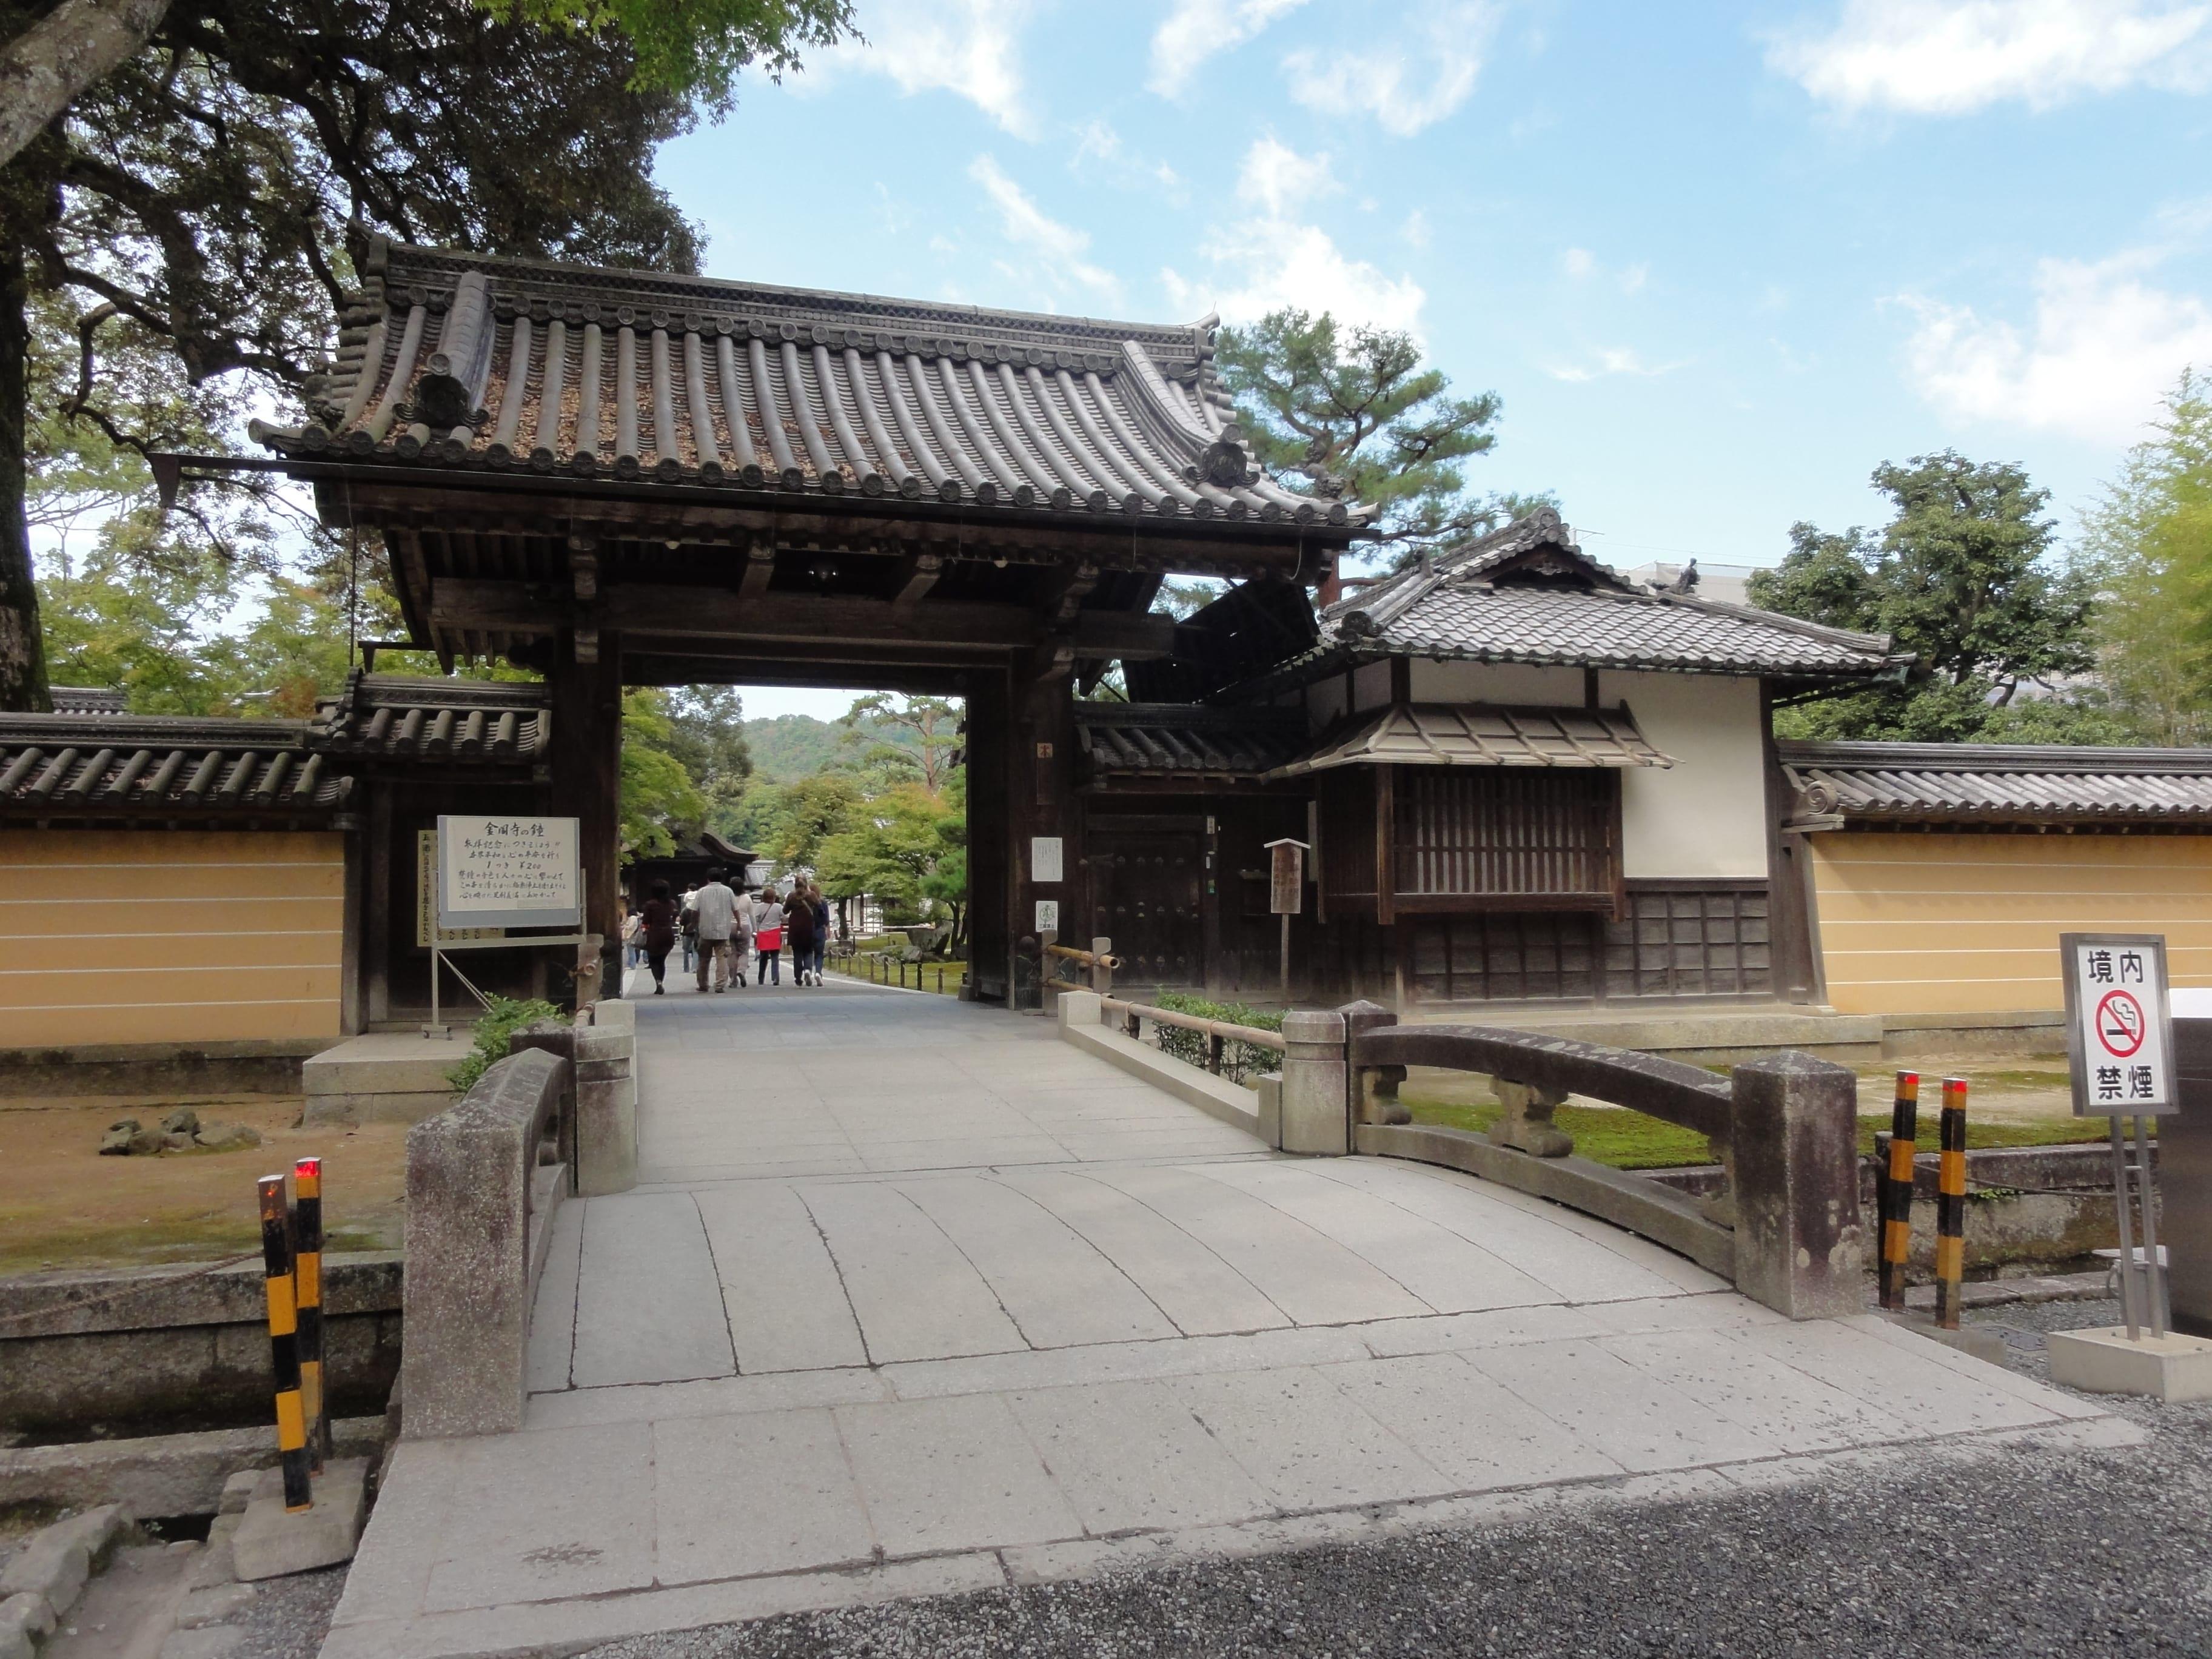 鹿苑寺入り口